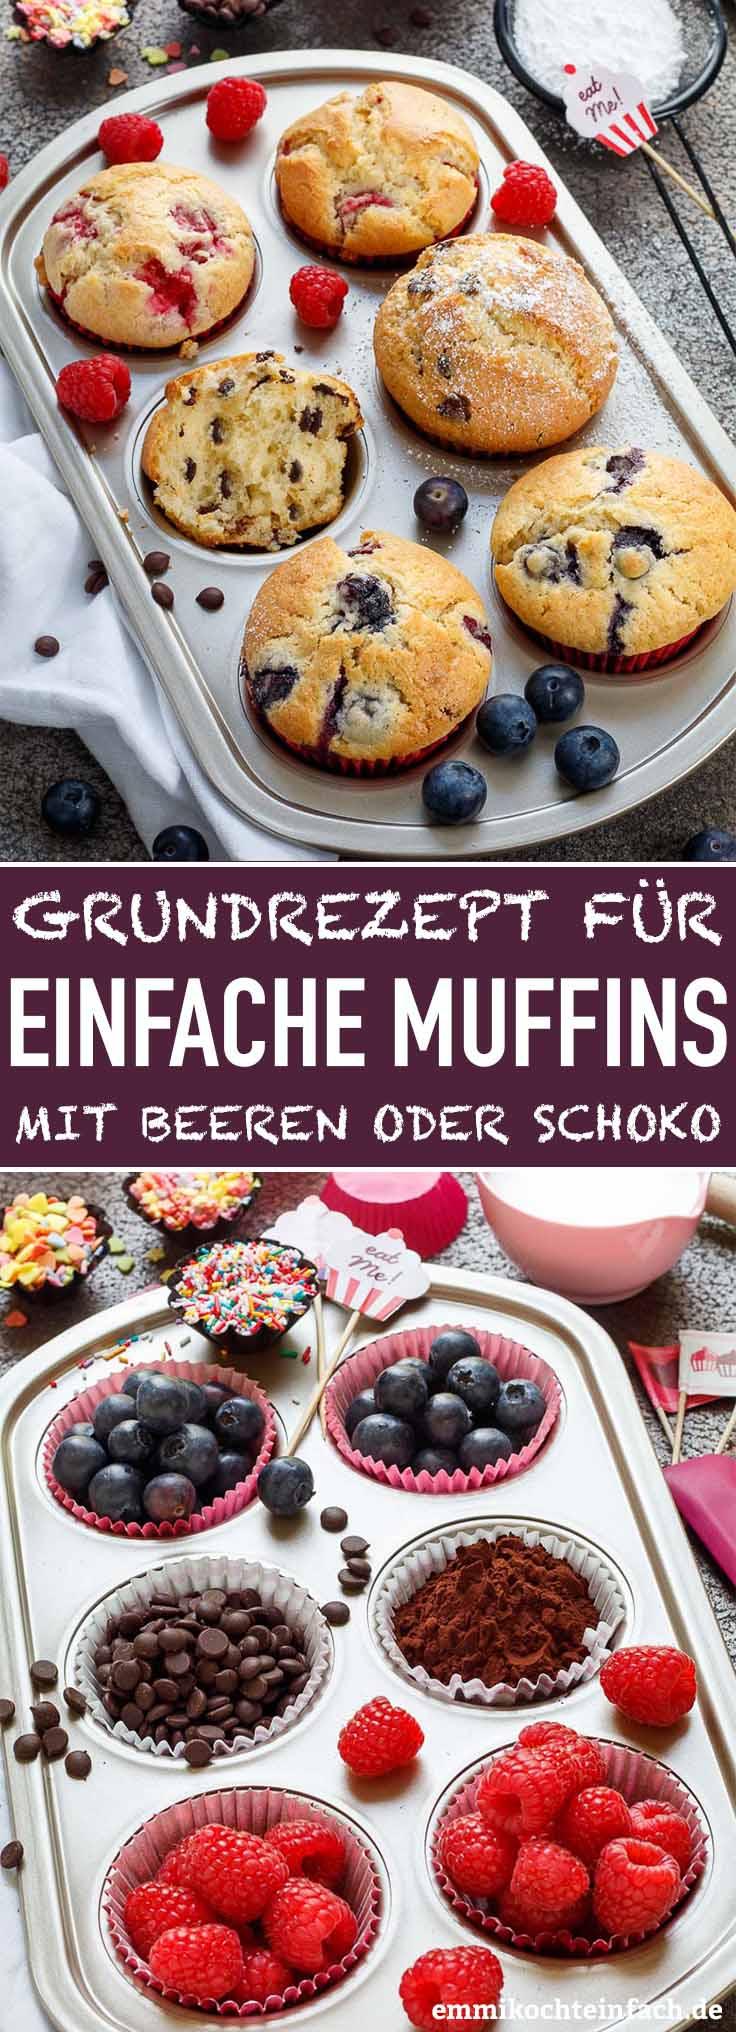 Muffins Grundrezept - so einfach und lecker - www.emmikochteinfach.de